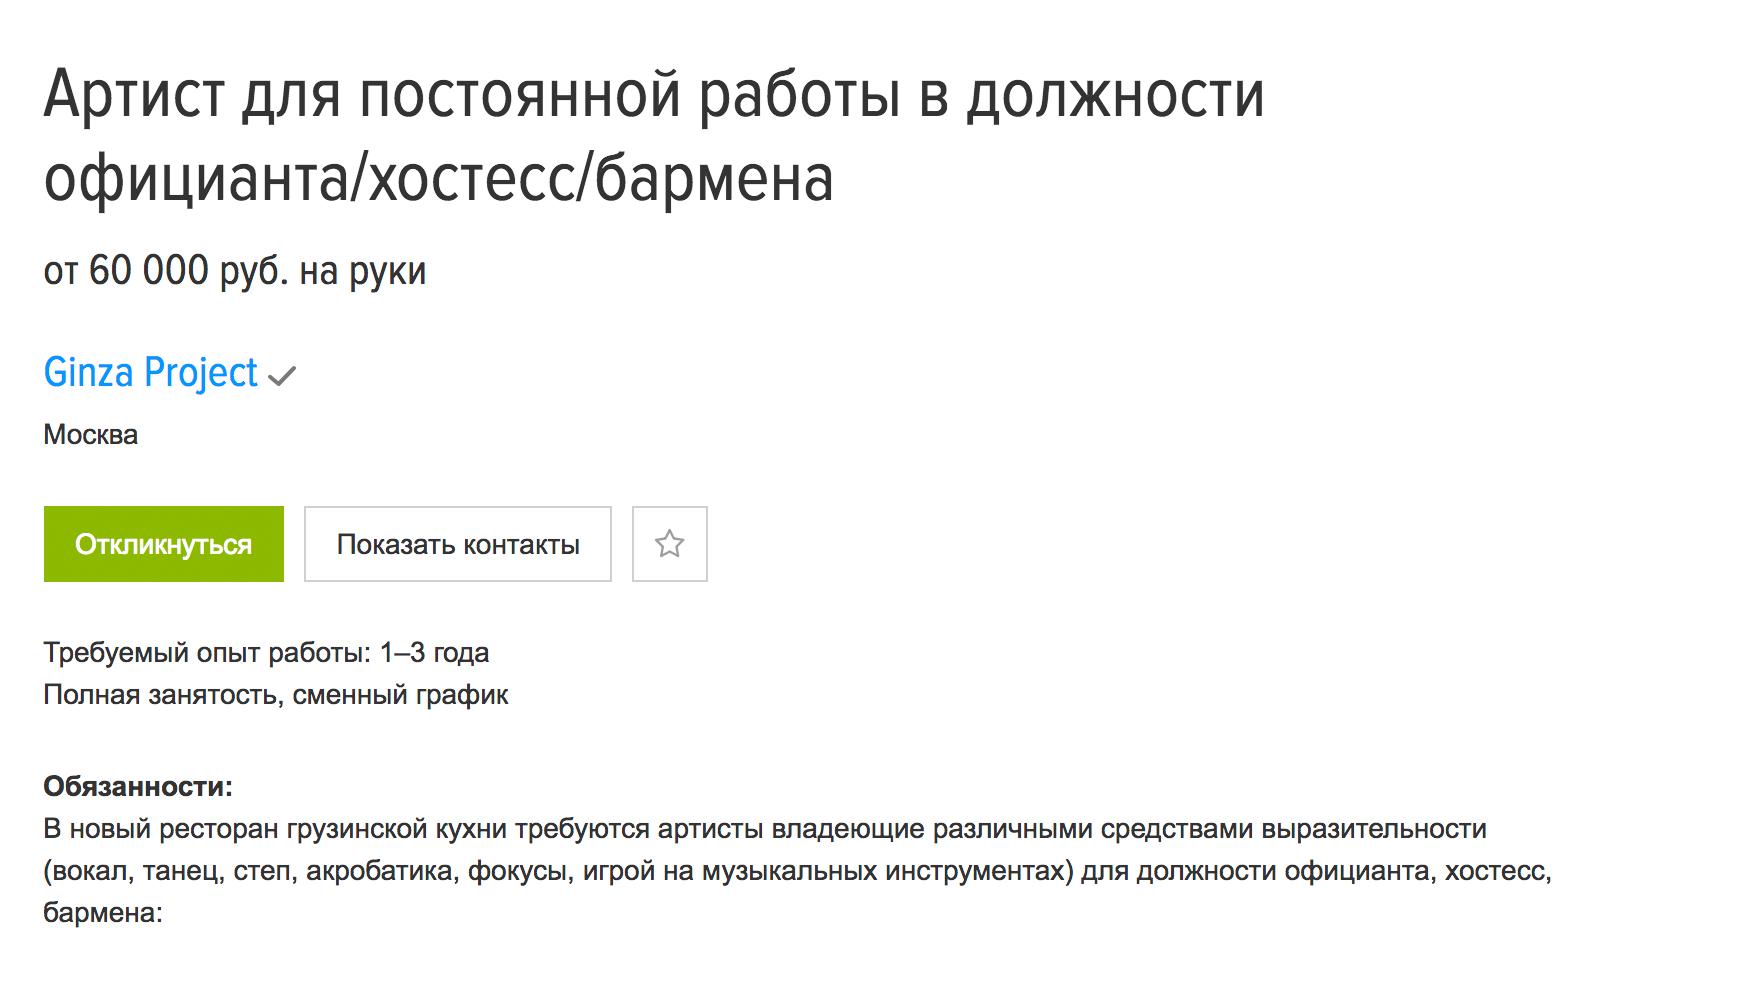 Если умеете петь или показывать фокусы, можно устроиться официантом в ресторан грузинской кухни. Зарплата — 60 тысяч рублей. Вакансия на «Хедхантере»